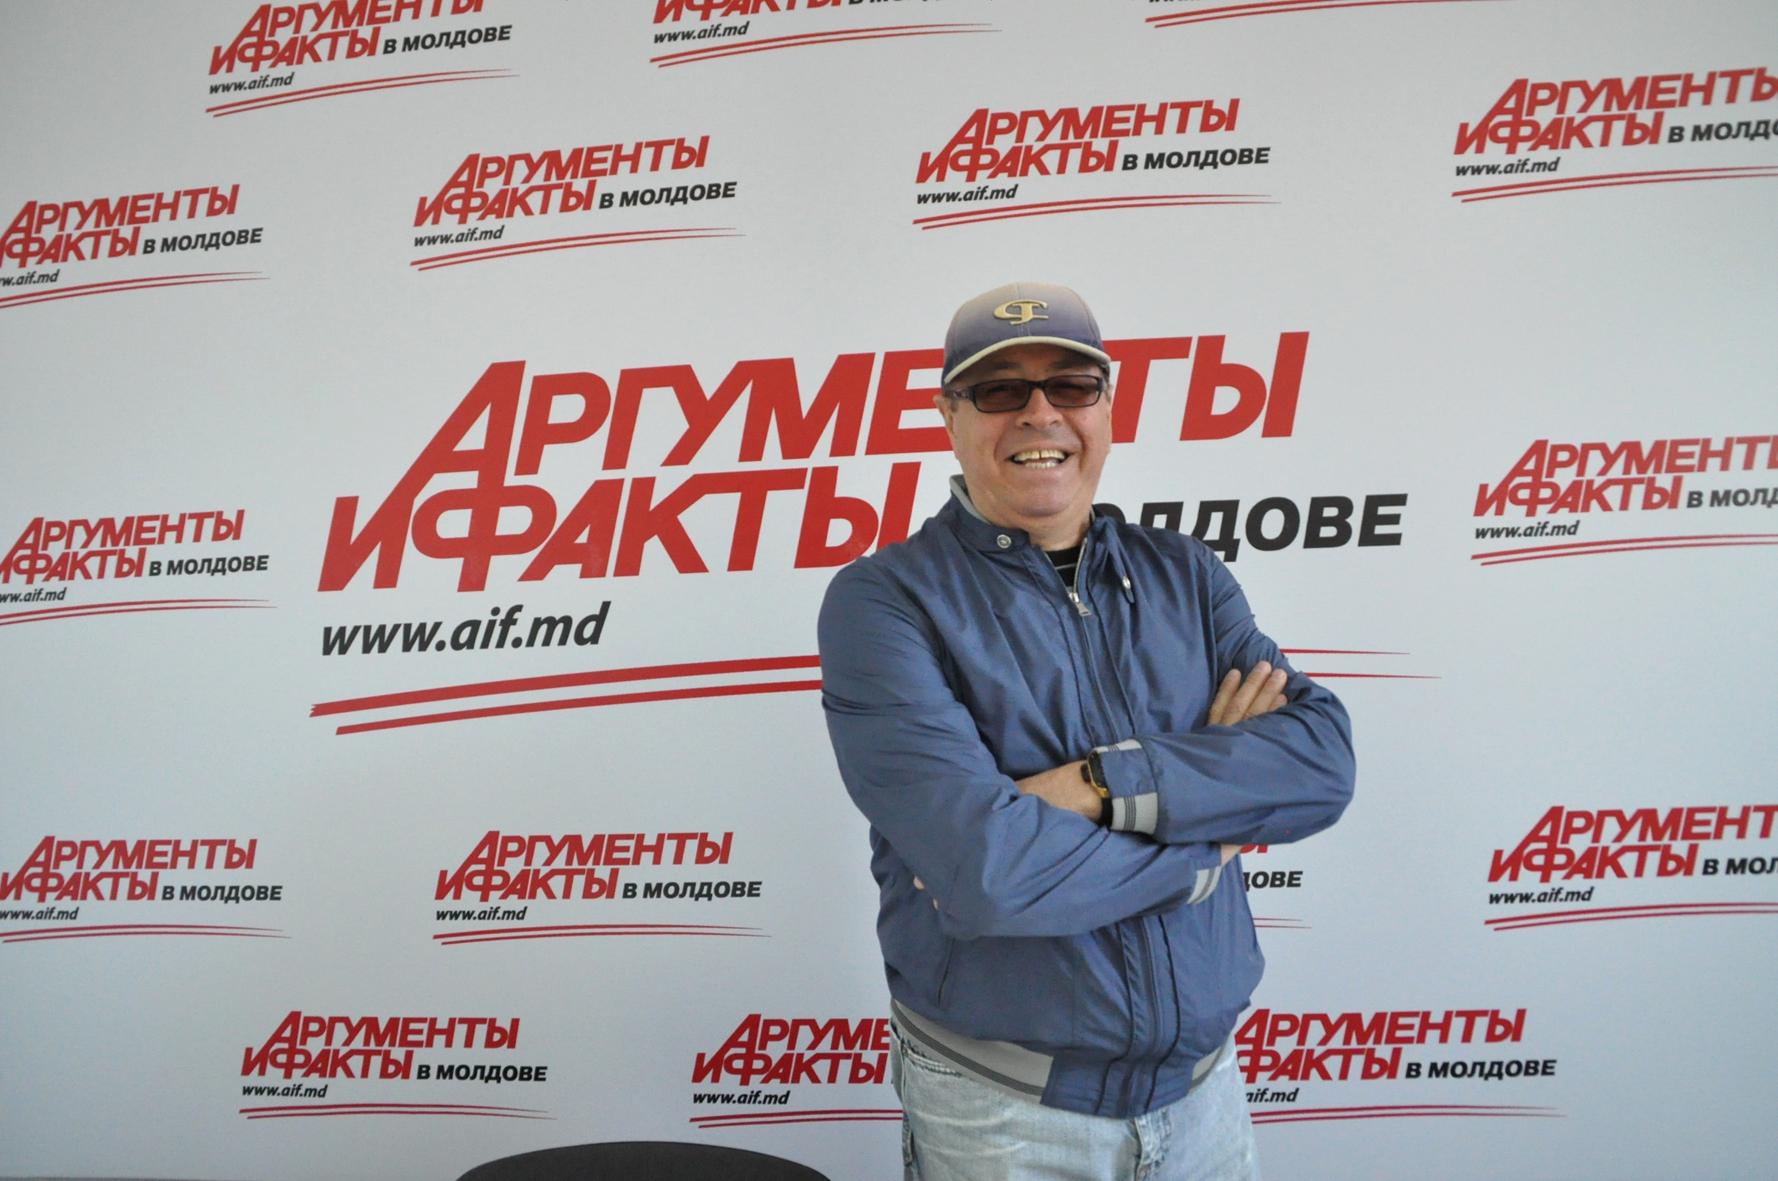 Народный артист Ион Суручану – о жизни, творчестве и планах